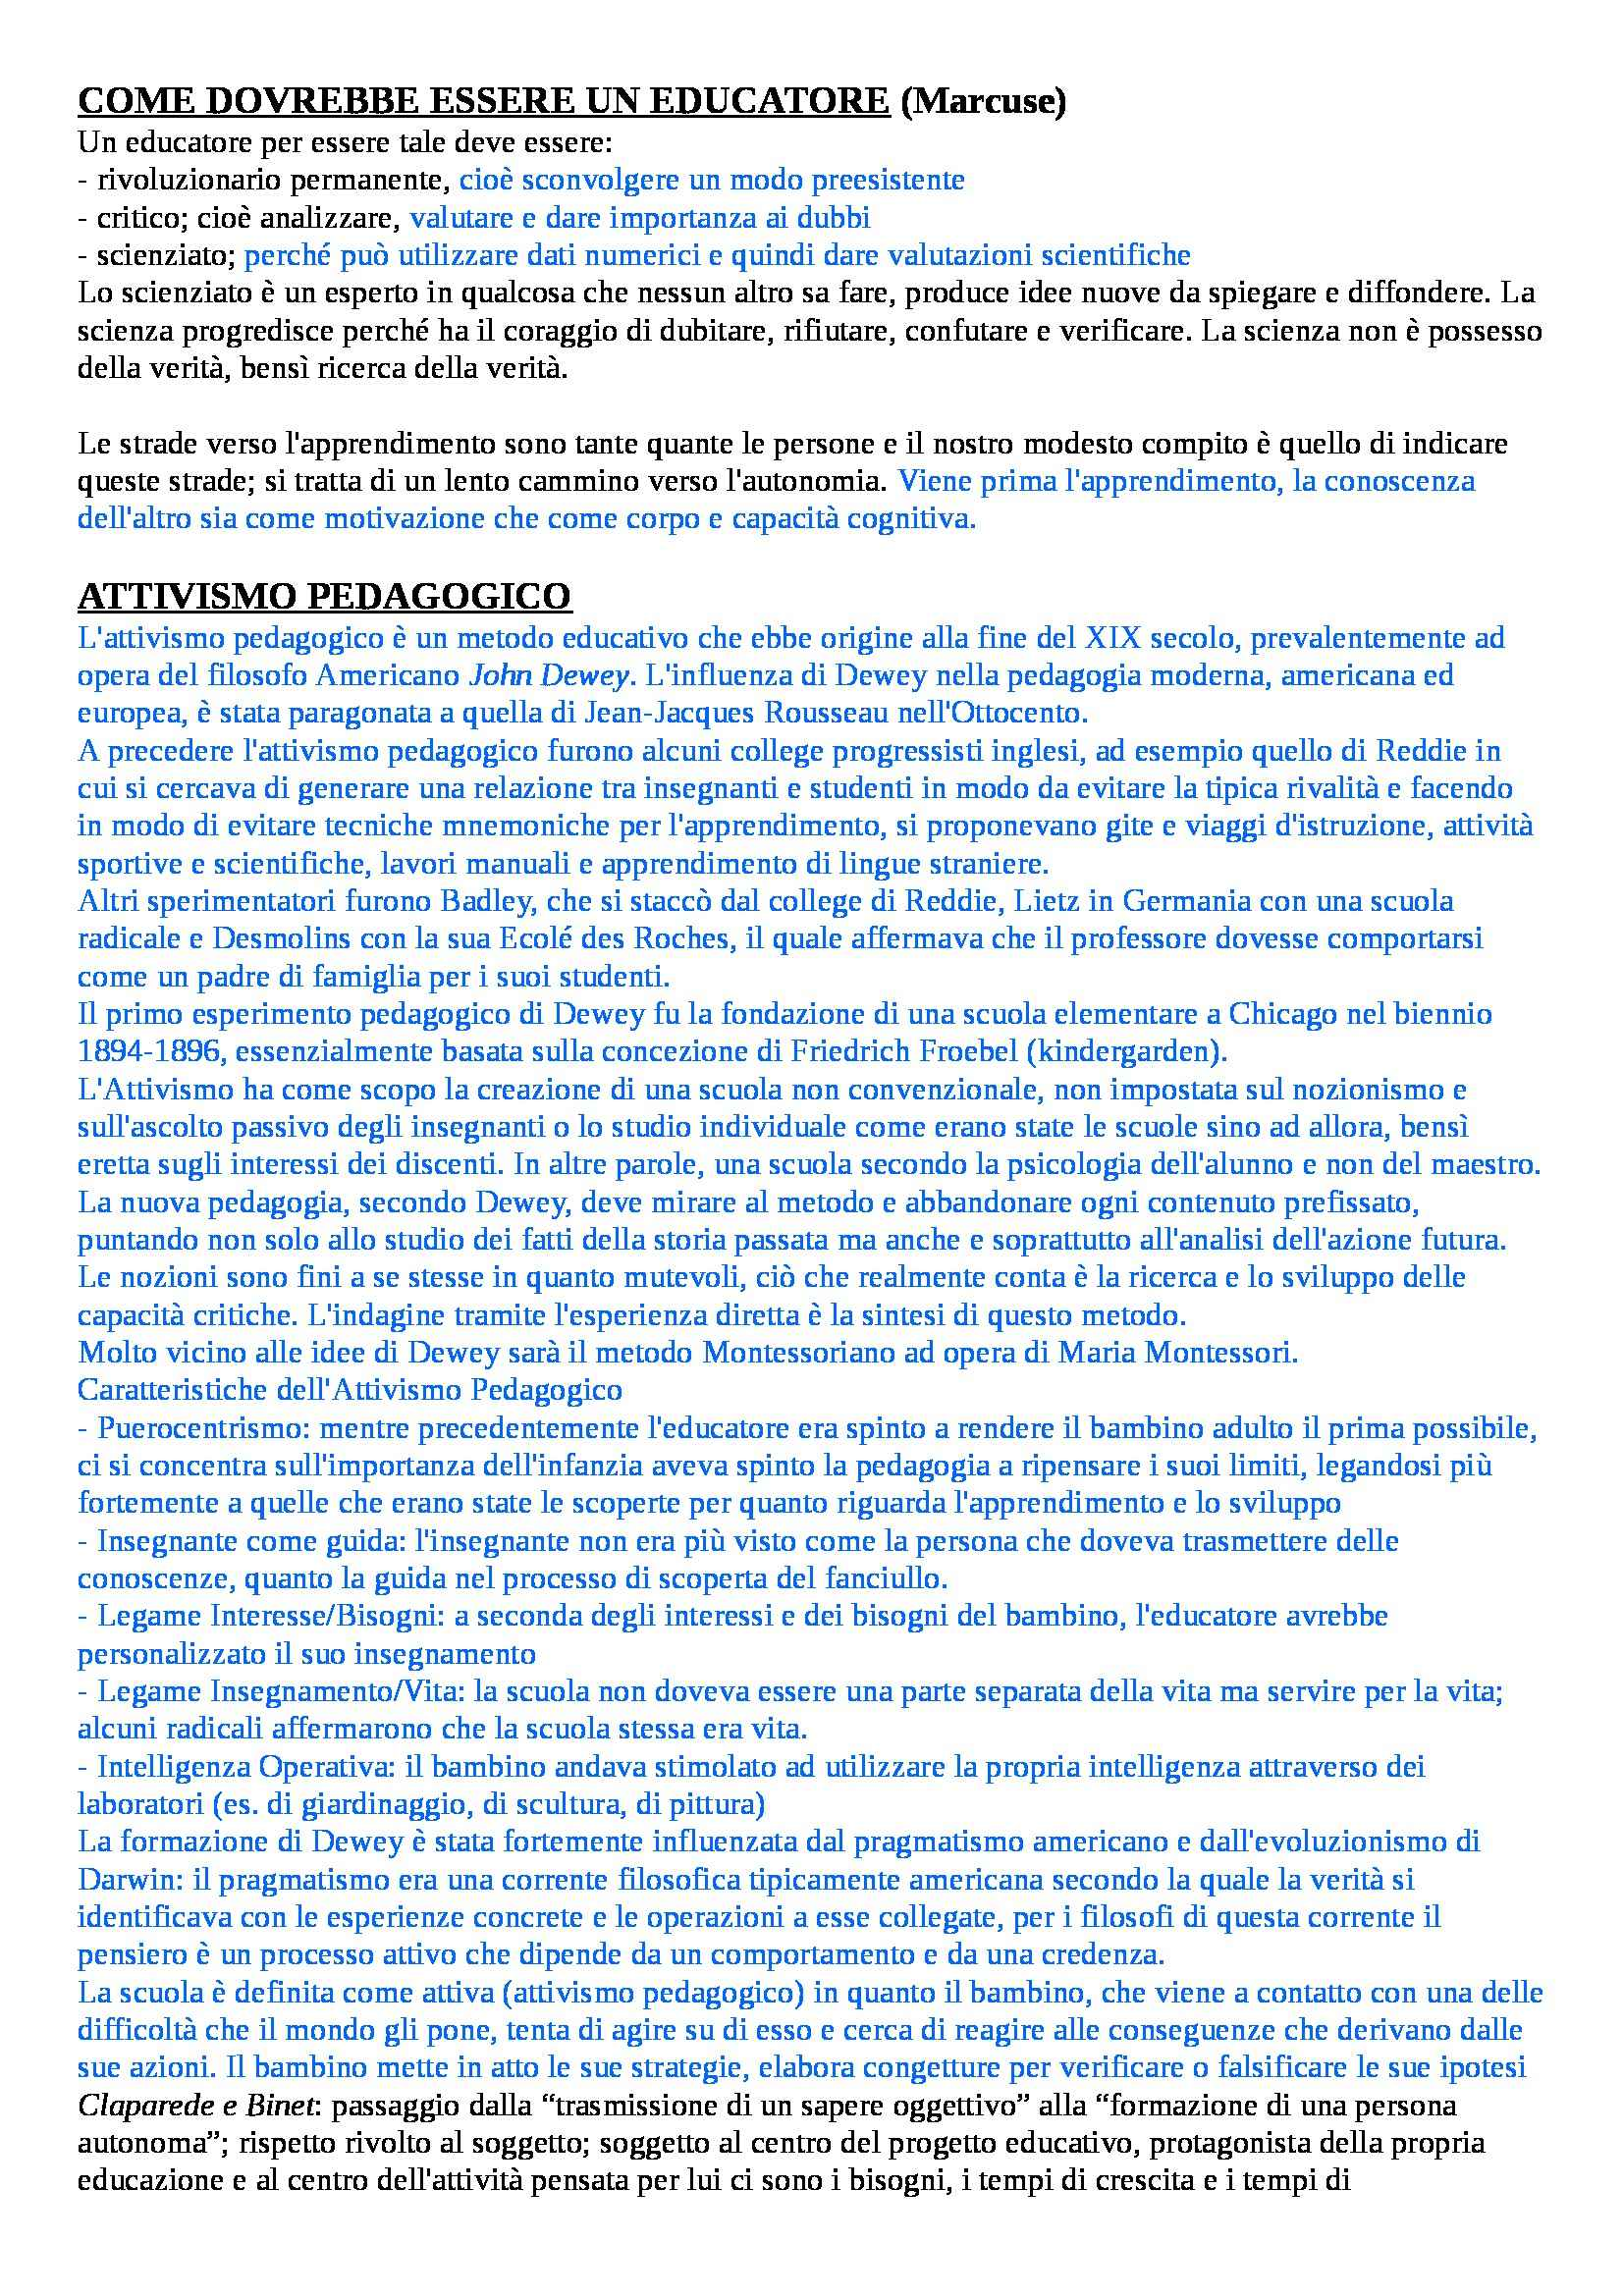 Teoria e metodologia del movimento umano - Appunti seconda parte